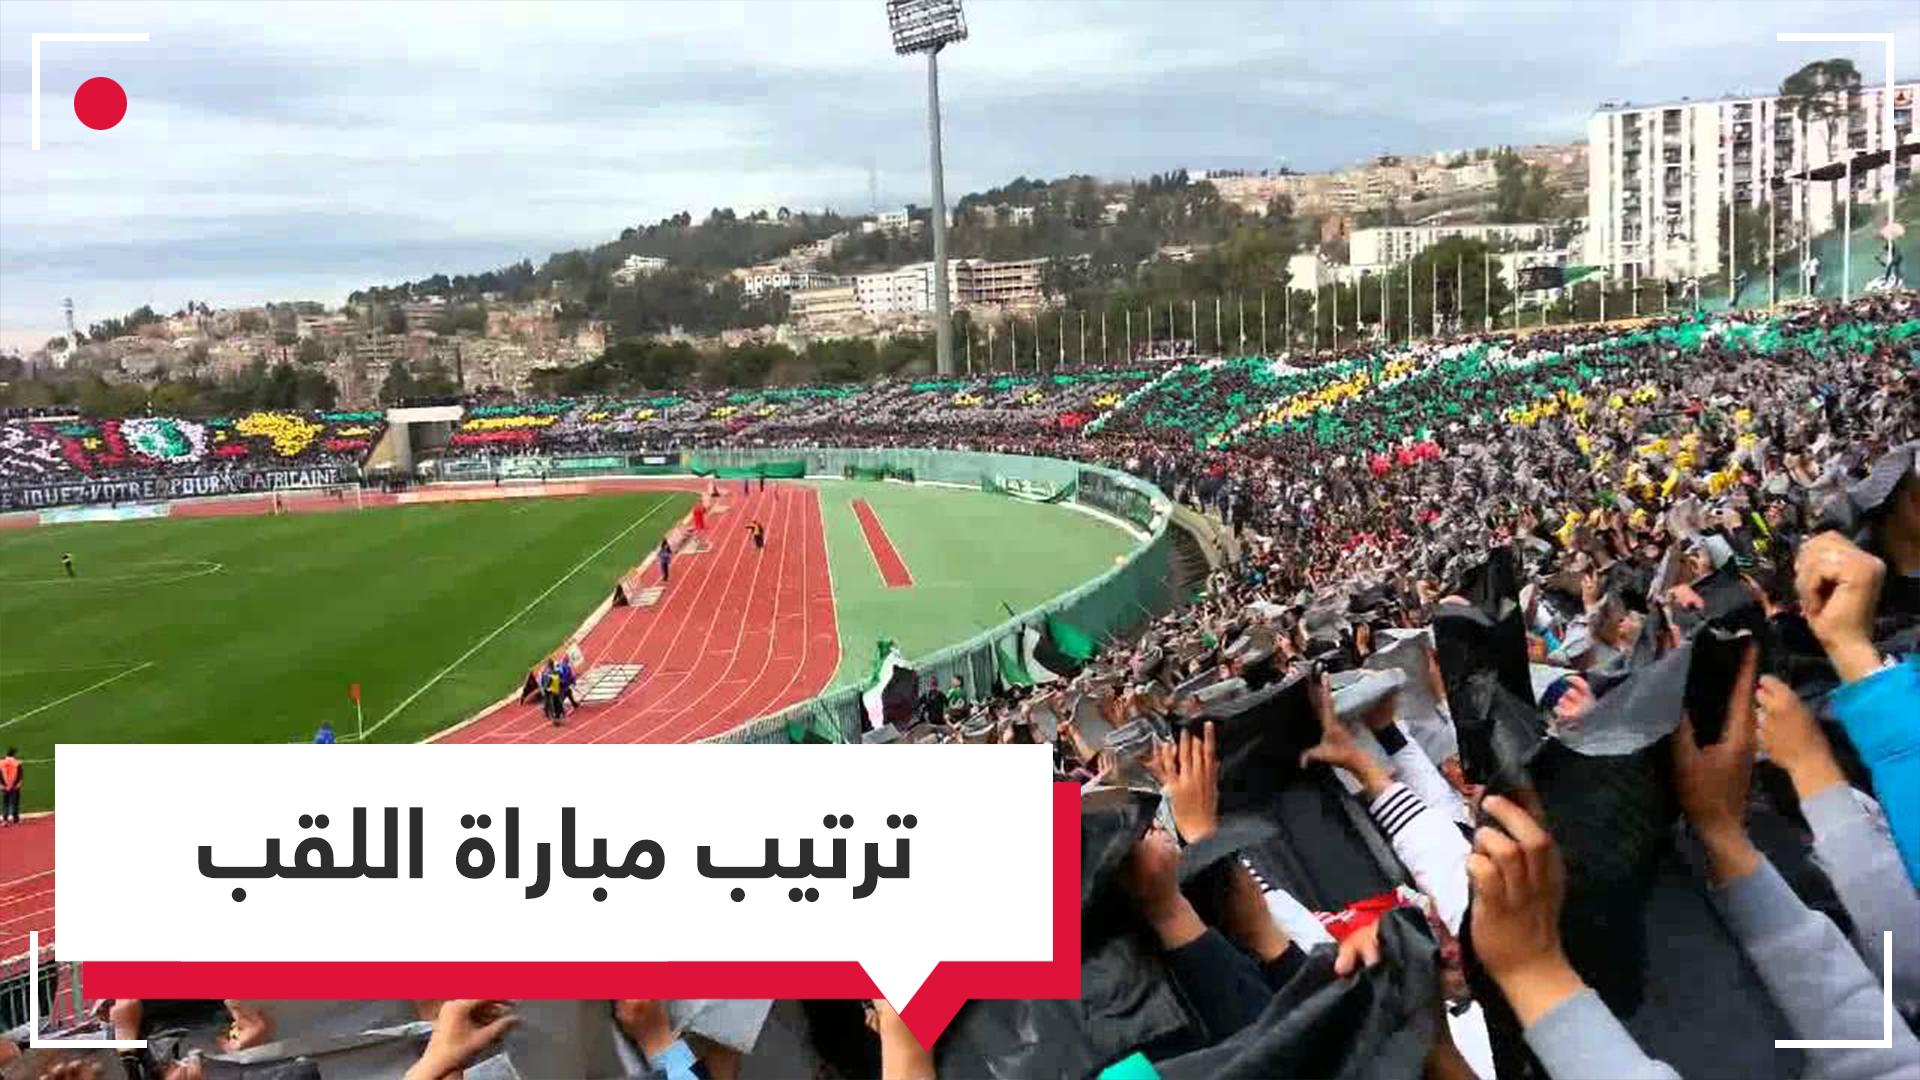 تسريب صوتي لترتيب مباراة اللقب في الدوري الجزائري